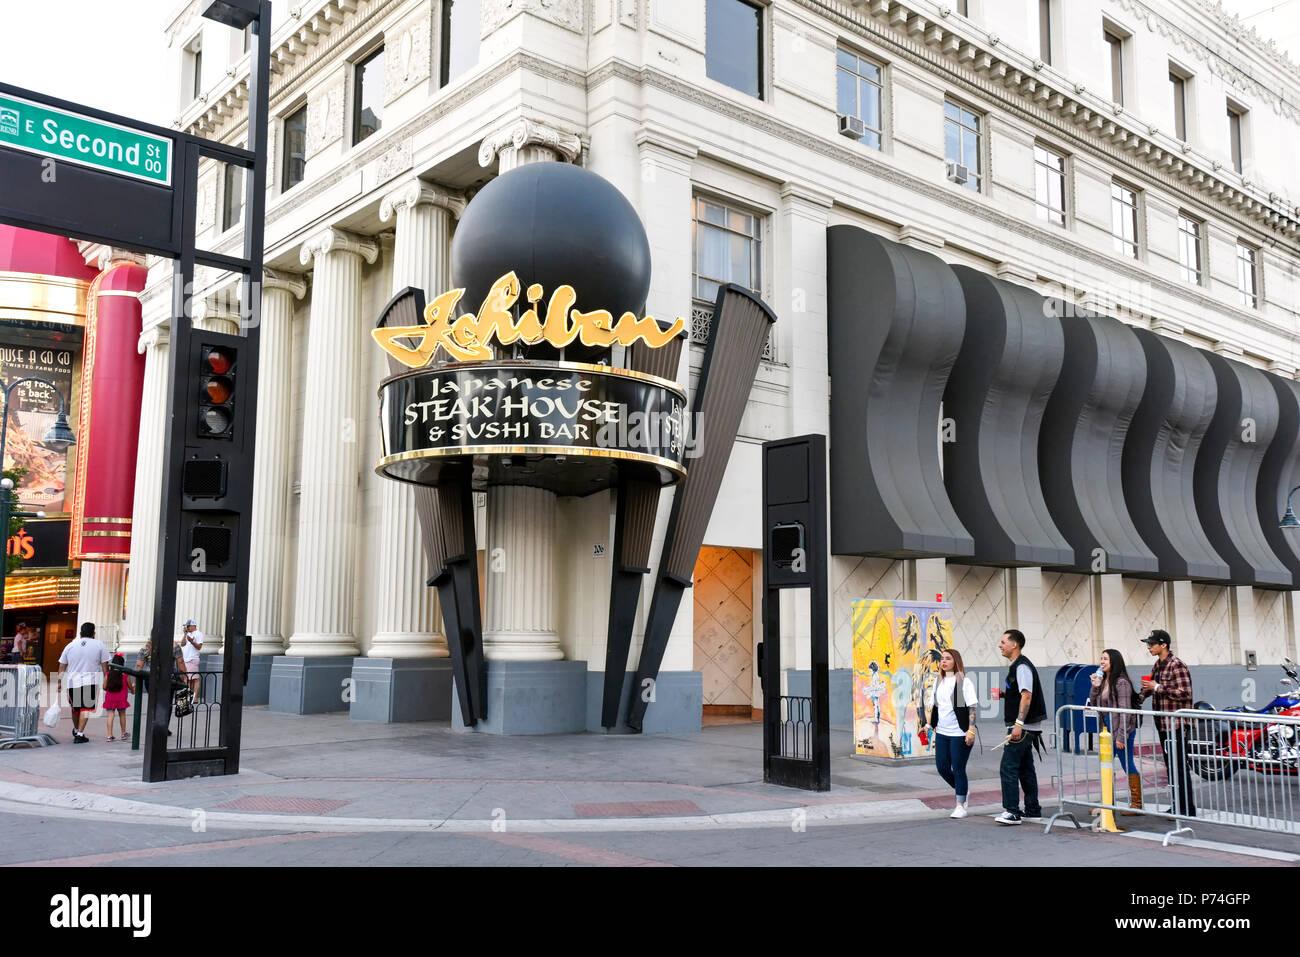 Ichiban Japanese Steakhouse, Reno, Nevada - Stock Image